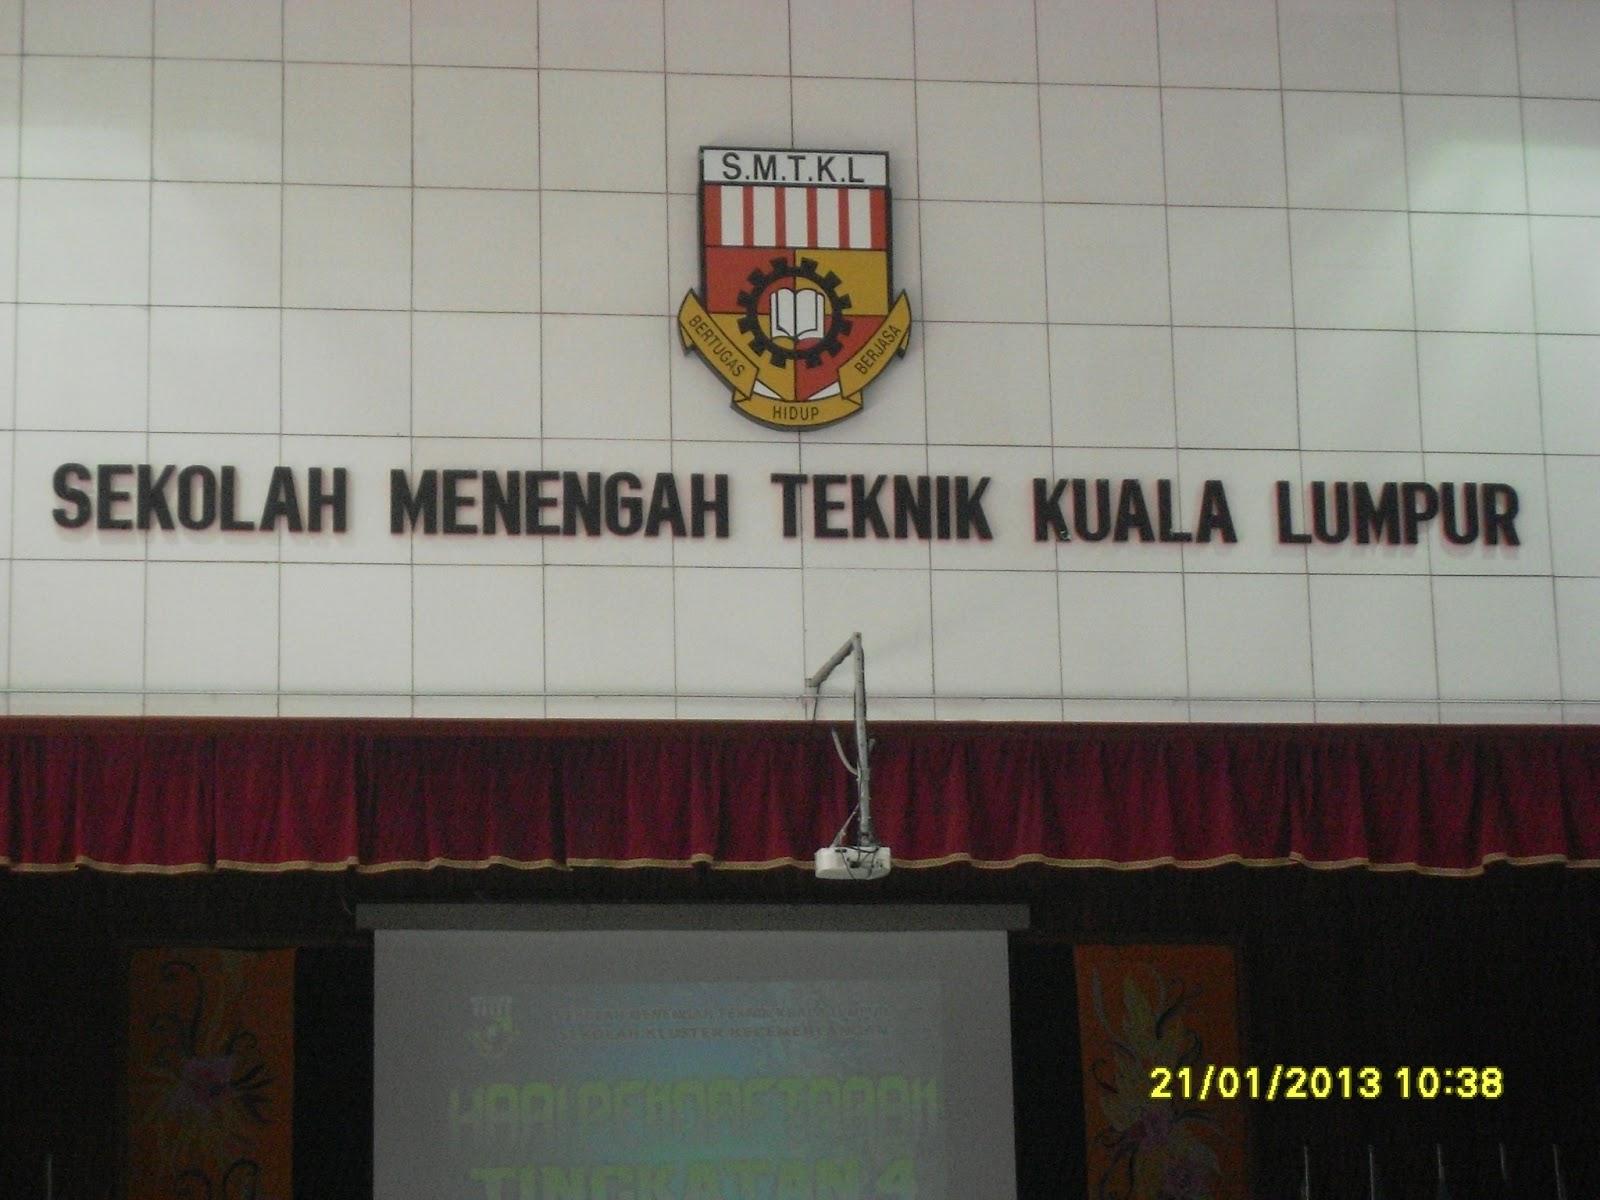 Mamacun Sekolah Menengah Teknik Kuala Lumpur